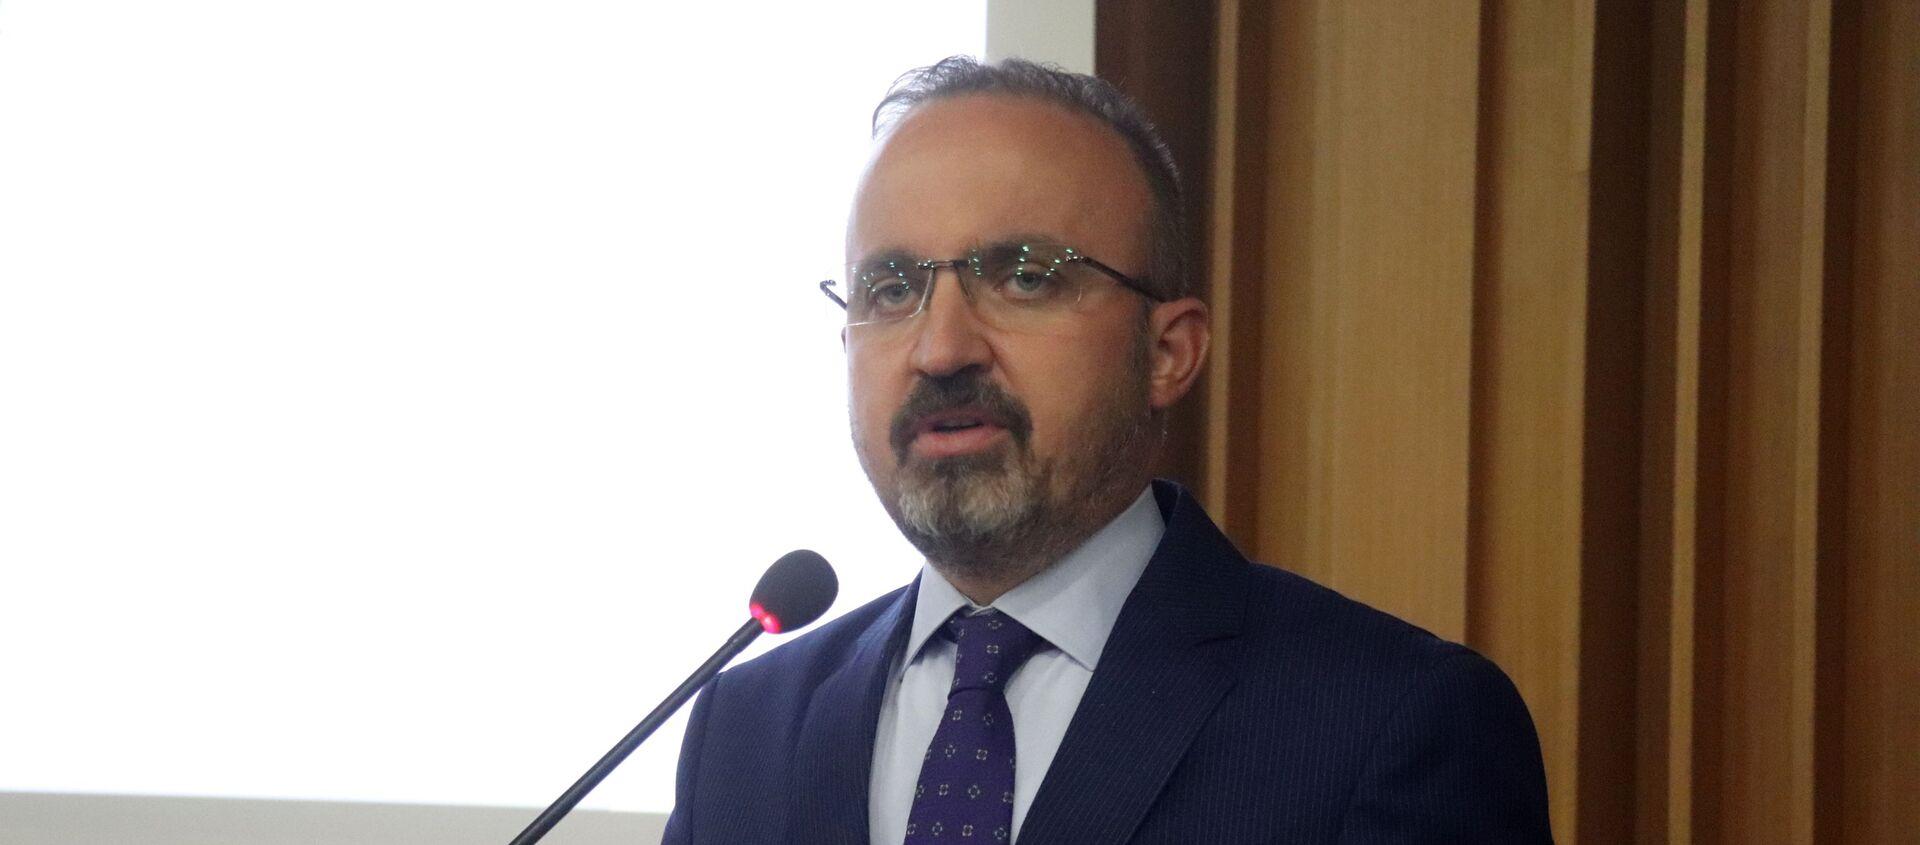 AK Parti Grup Başkanvekili ve Çanakkale Milletvekili Bülent Turan - Sputnik Türkiye, 1920, 25.07.2021